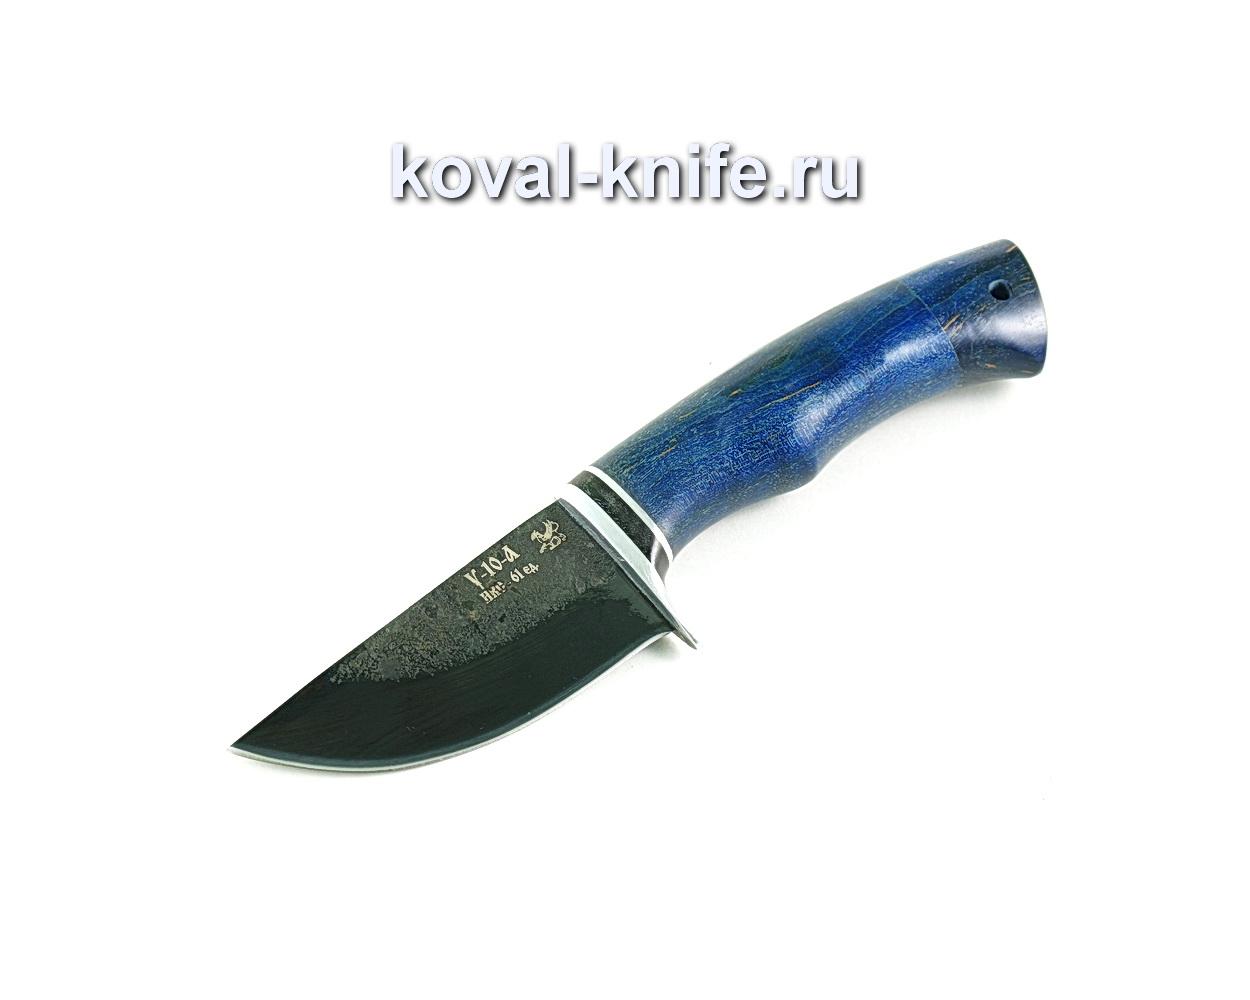 Нож Скин (сталь У10), рукоять карельская береза-стабилизированная A299